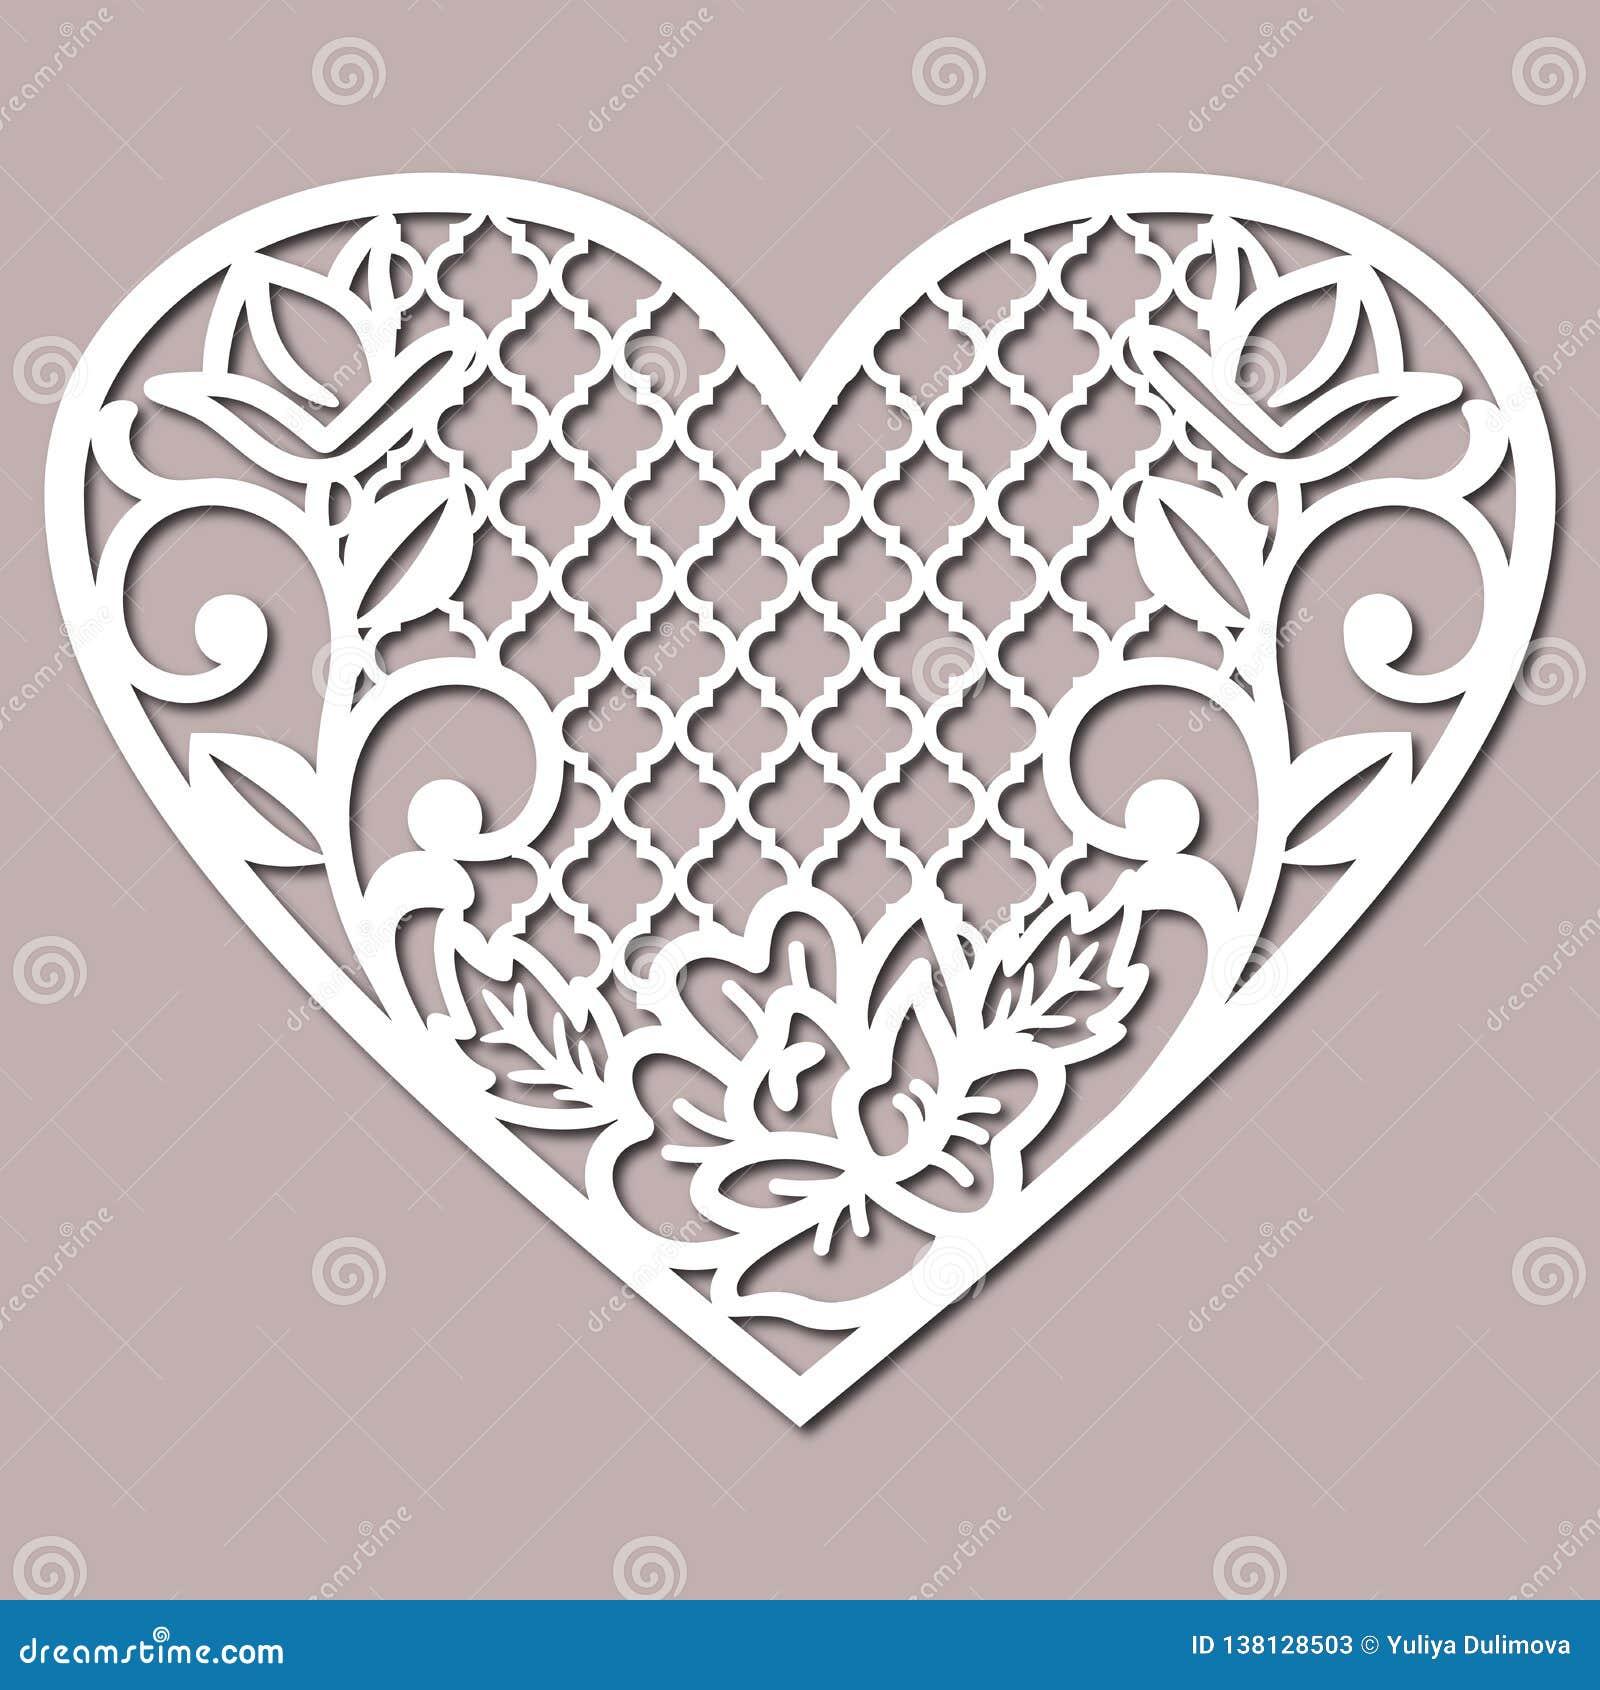 Lacy Heart Cutting Files för att gifta sig inbjudan